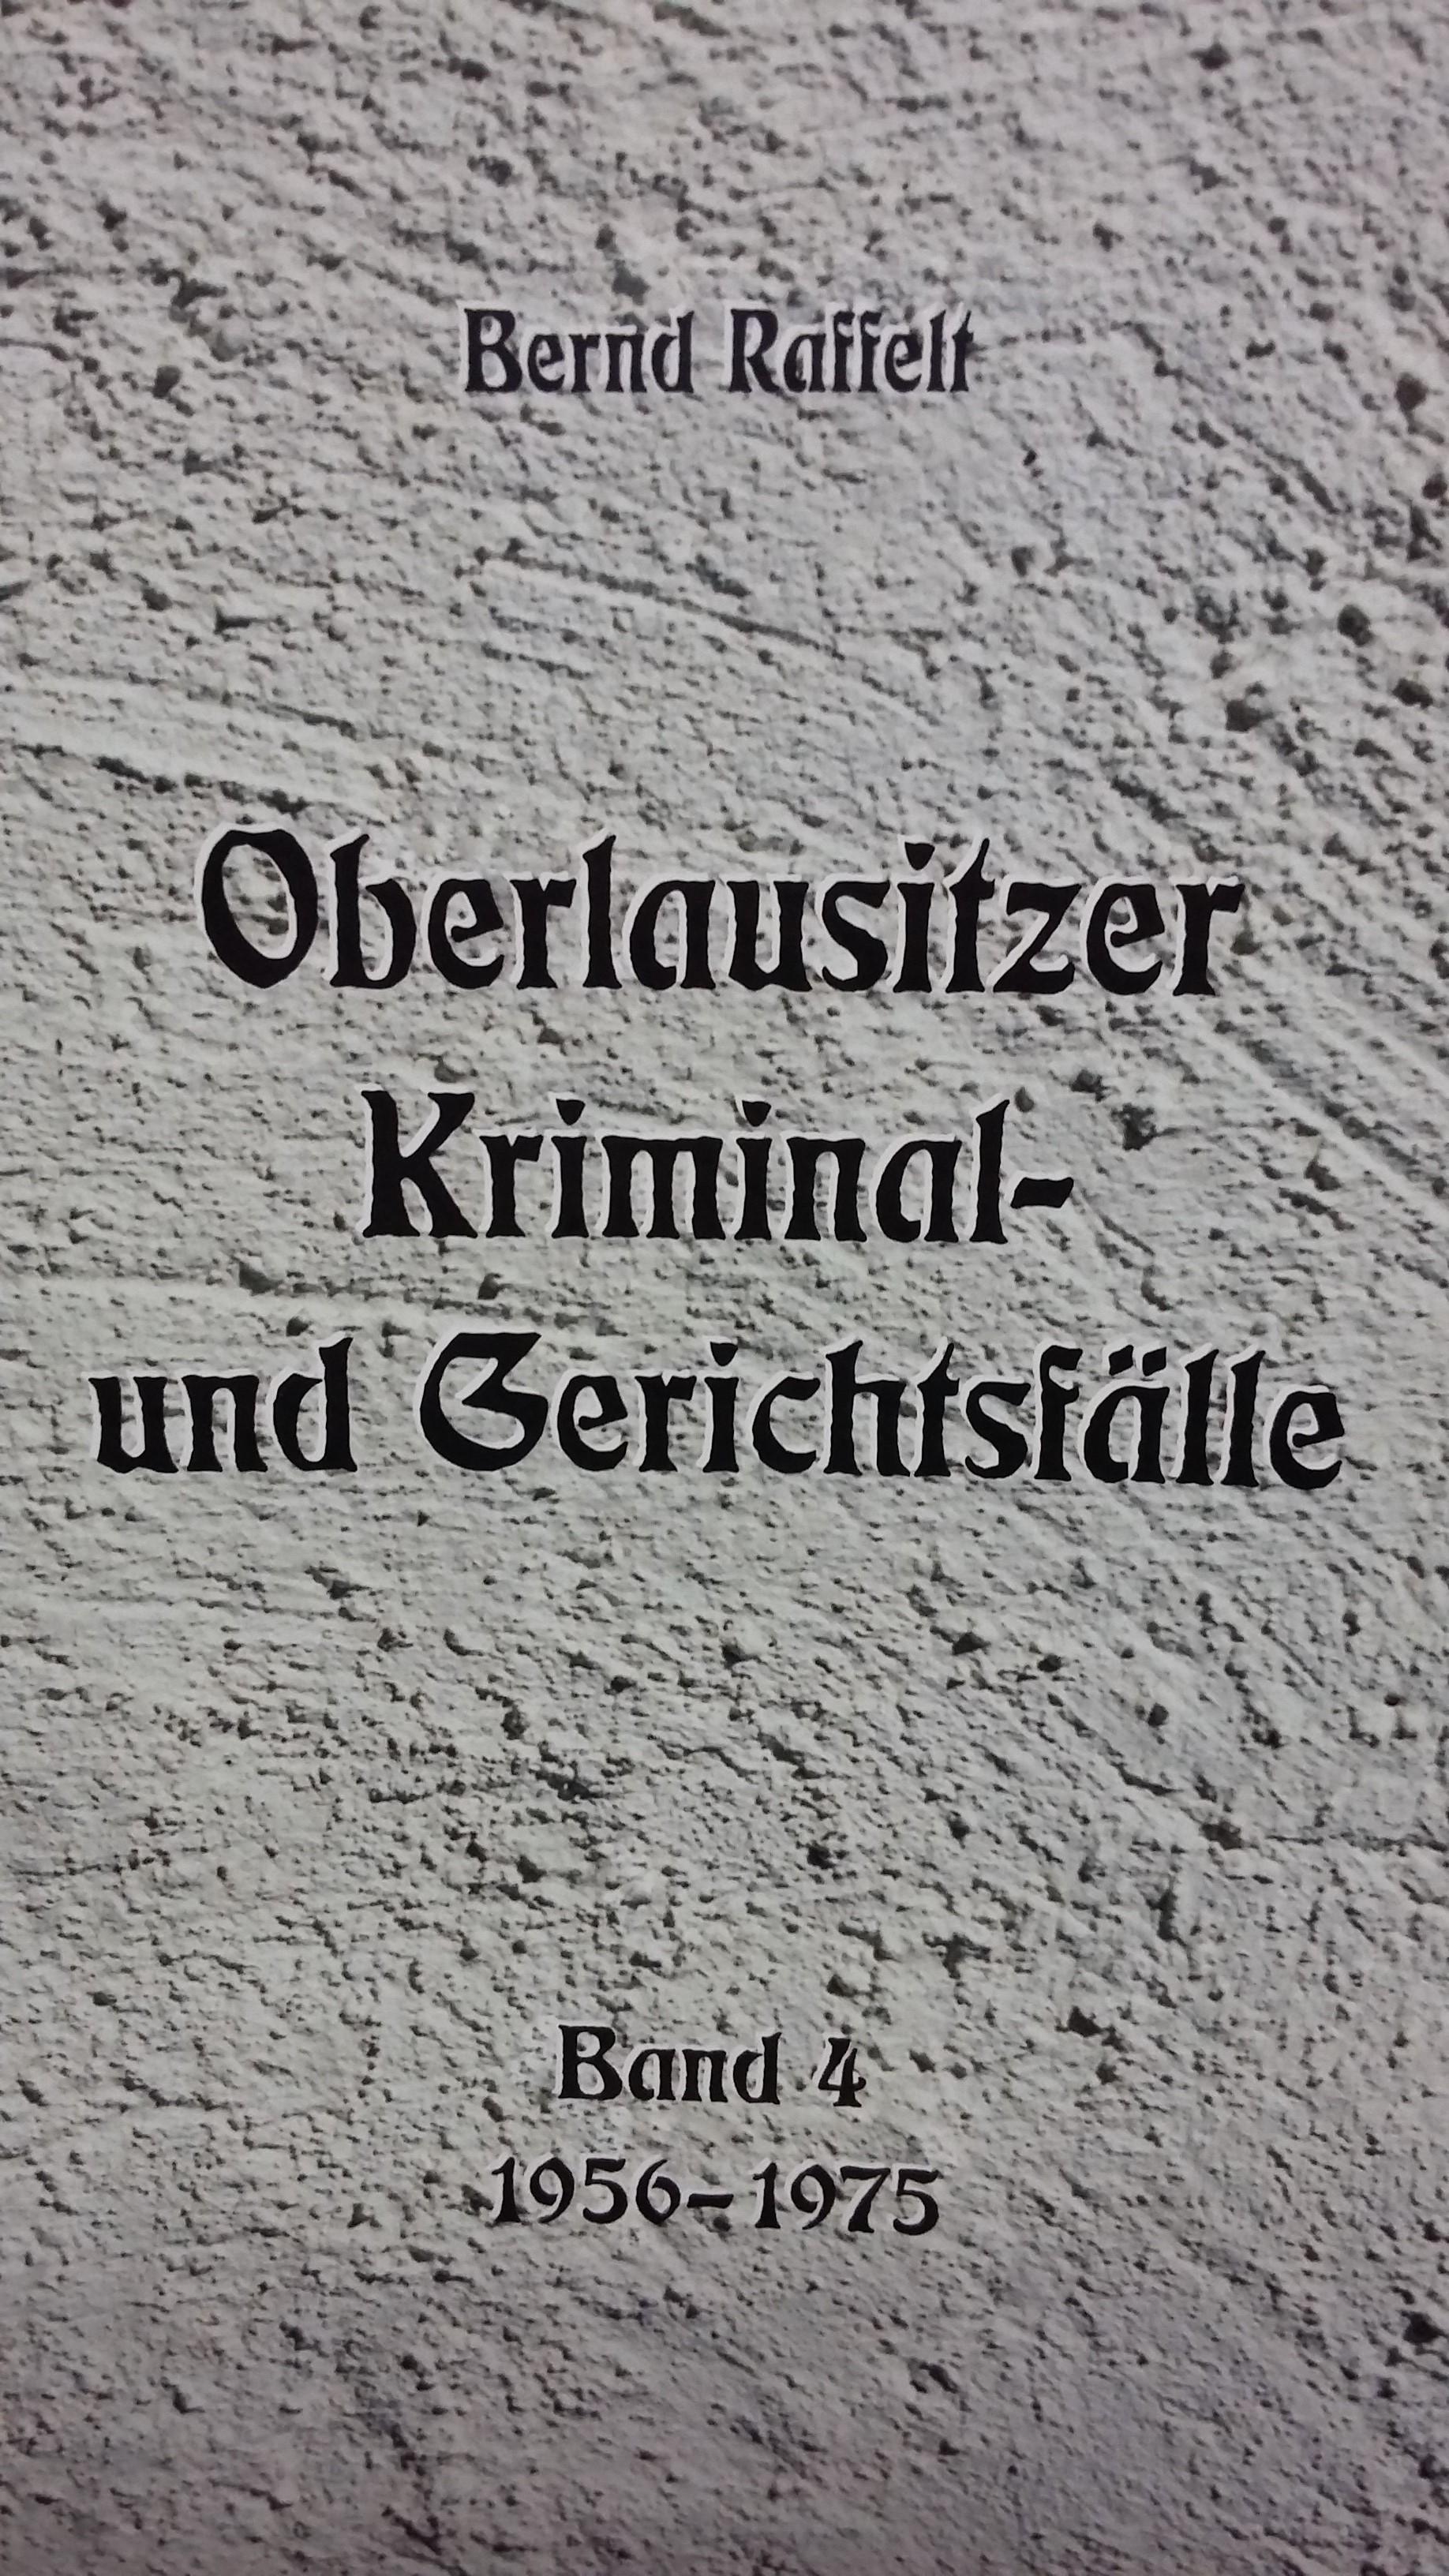 Oberlausitzer Kriminal- und Gerichtsfälle Bd.4